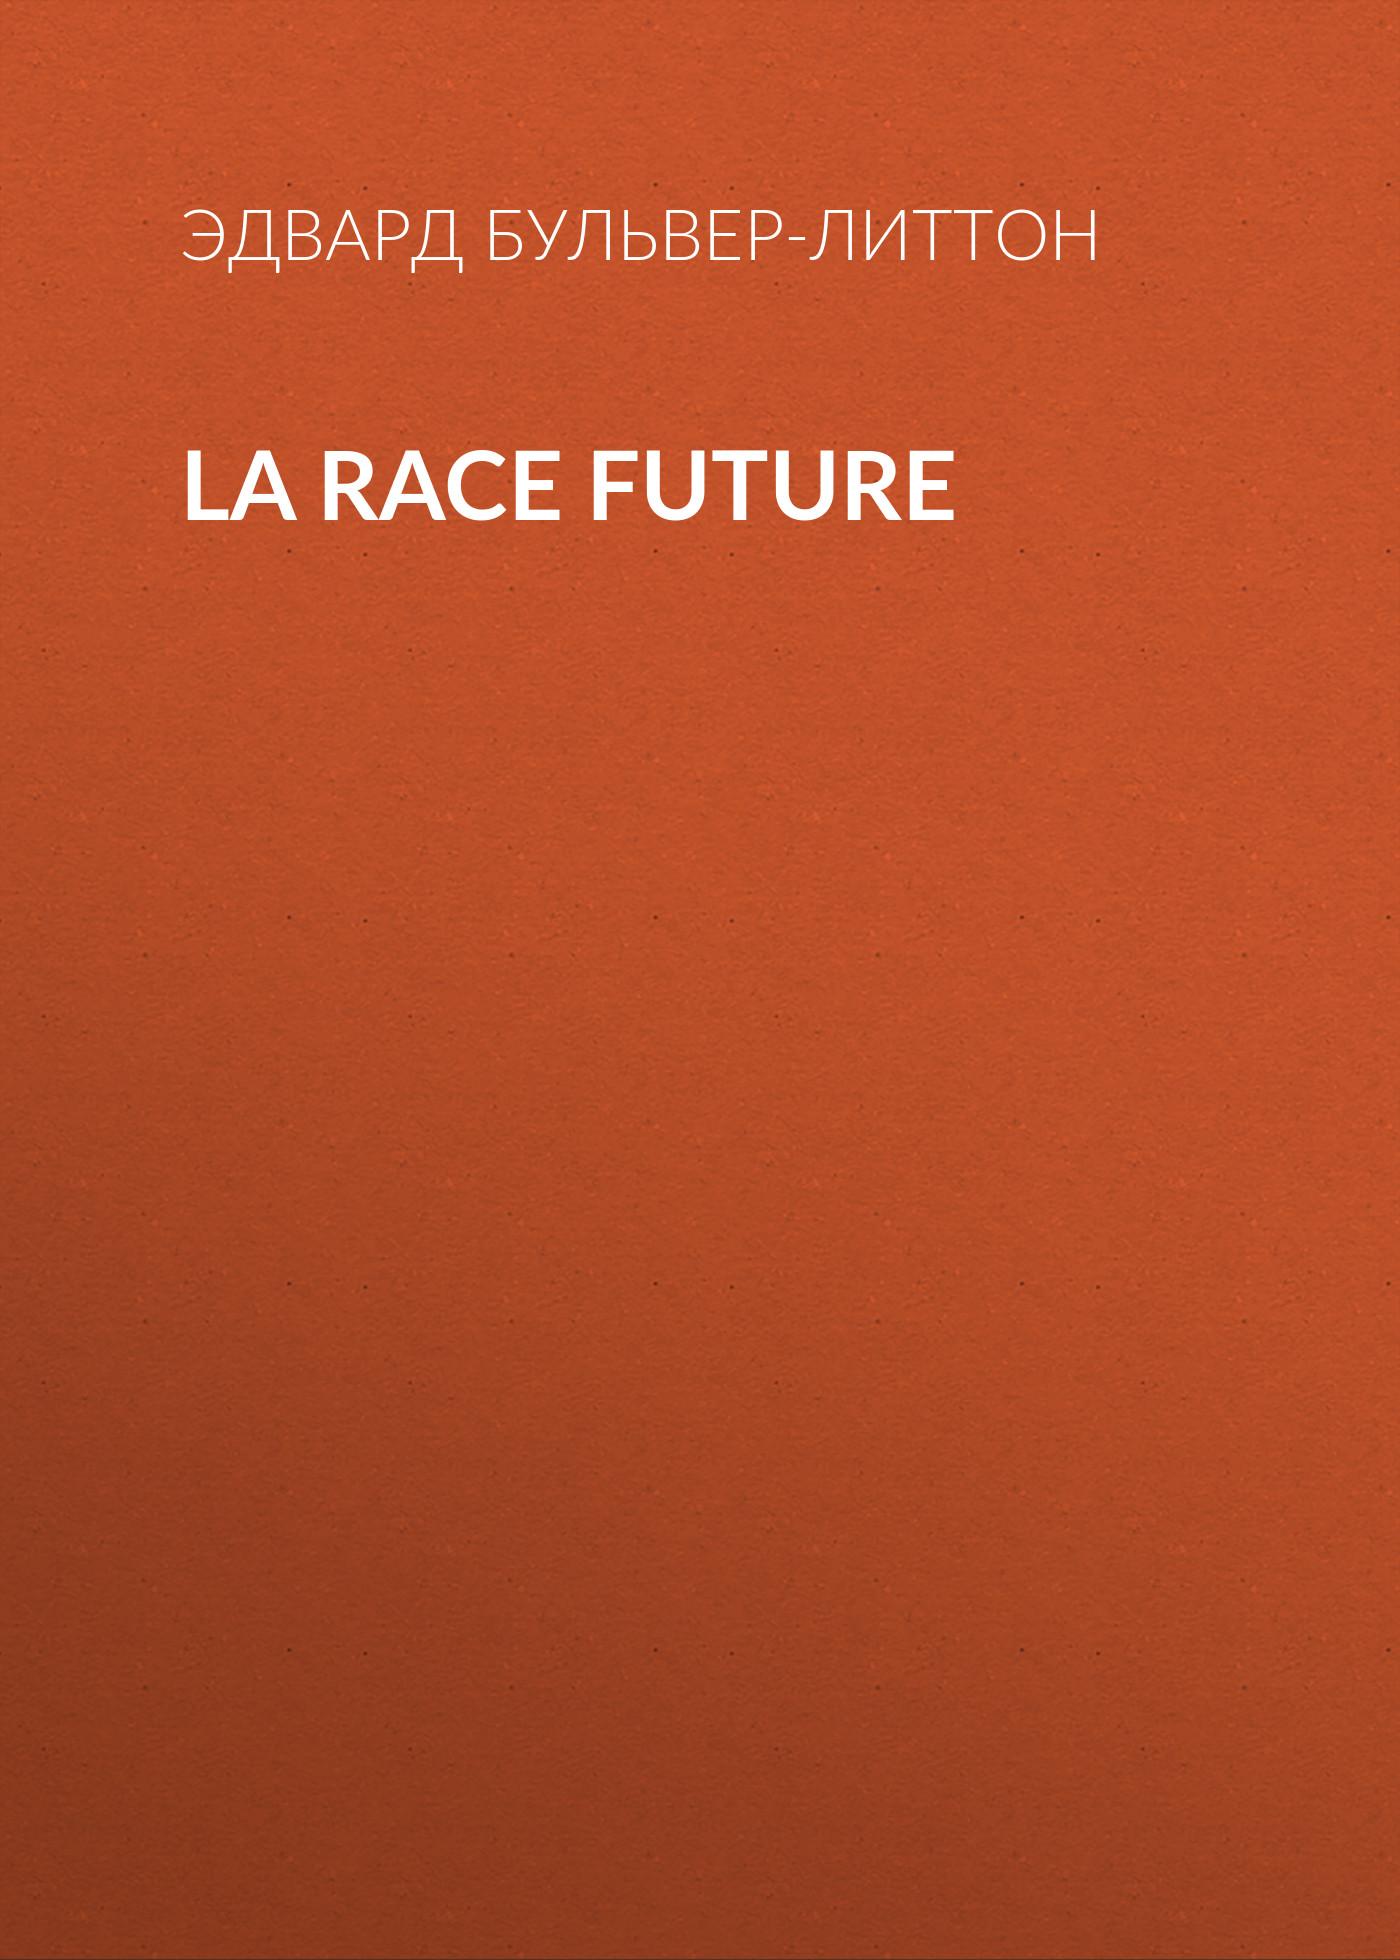 La race future ( Эдвард Бульвер-Литтон  )